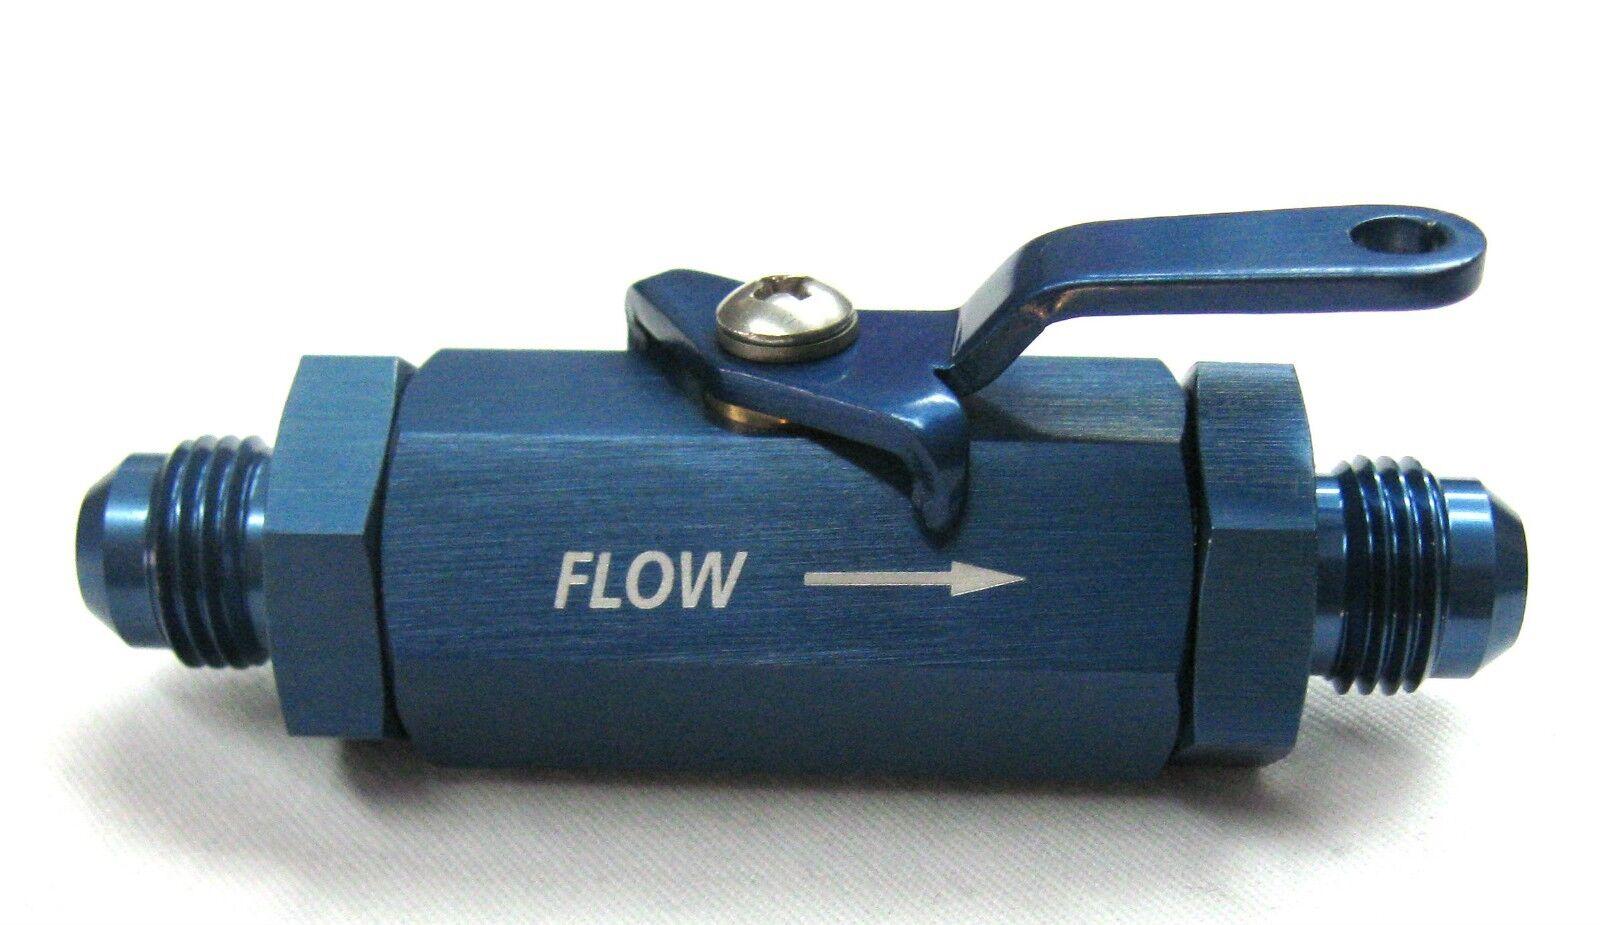 06 AN in-line Fuel Shut off Valve.Blue, Aluminum, Race car,Street car Street Rod